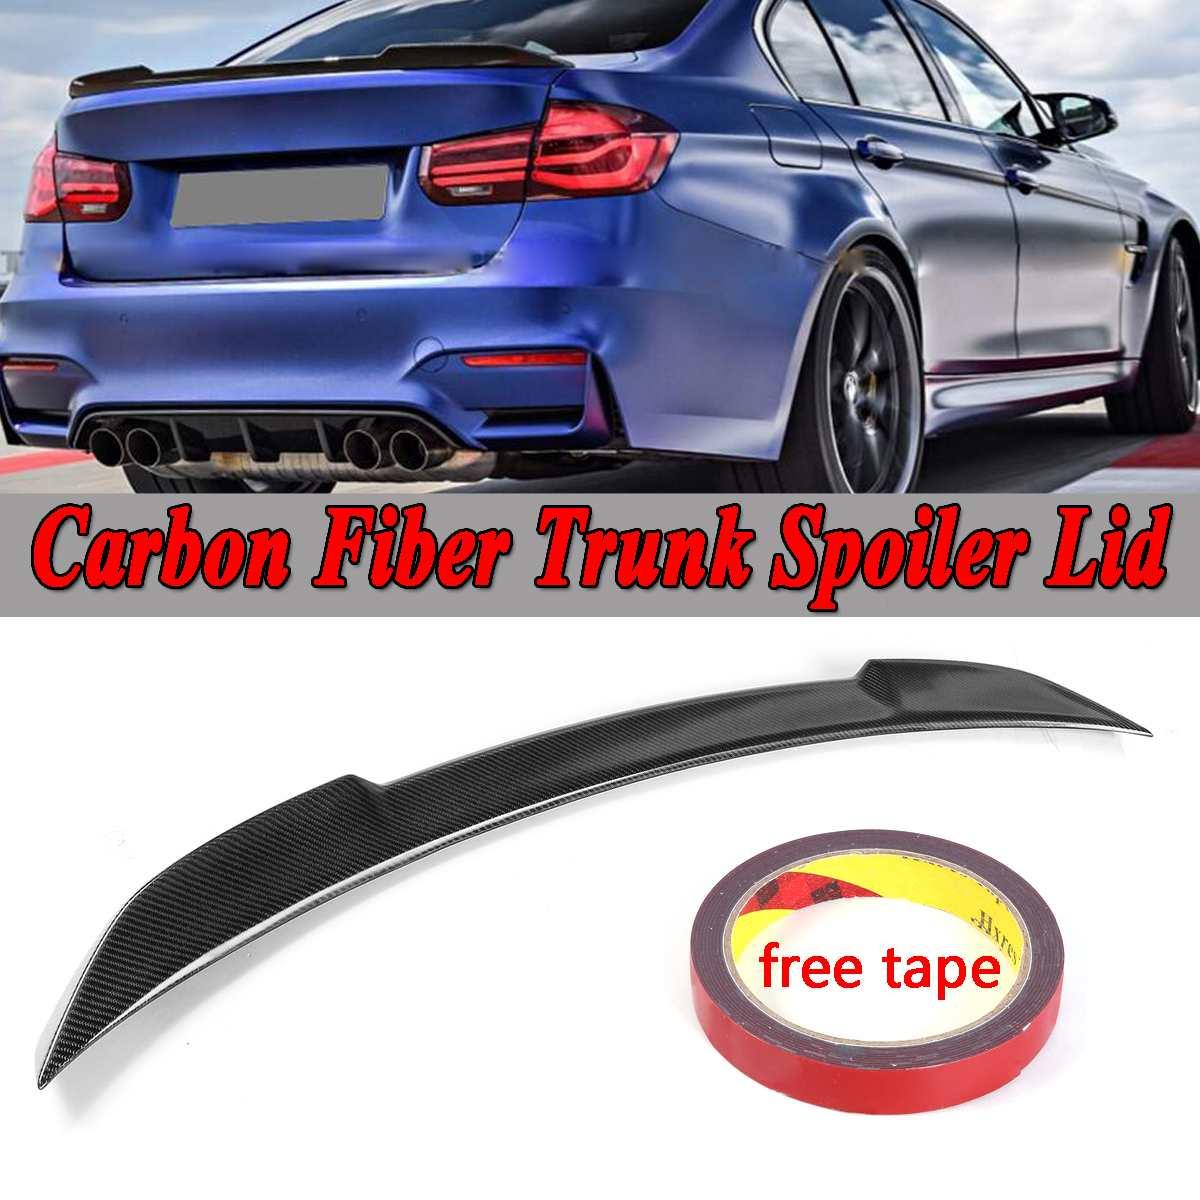 Véritable aile de Spoiler de voiture de coffre de Fiber de carbone pour BMW F30 3 série berline et F80 M3 2013-2018 CS Style lèvre de Spoiler d'aile arrière